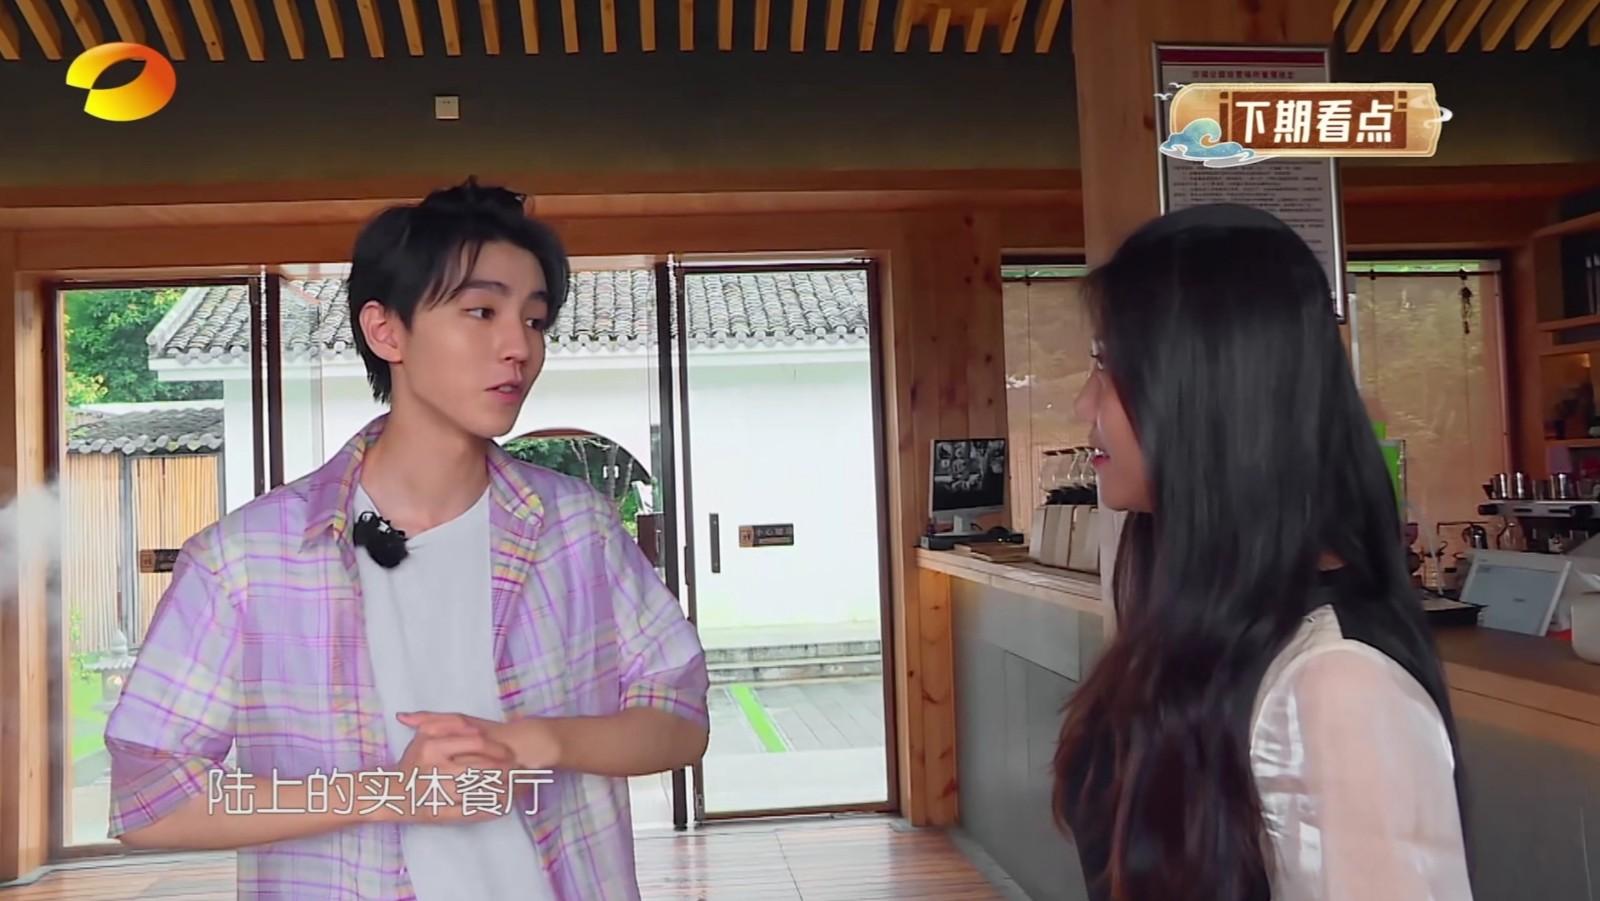 【摩登3平台】《中餐厅4》王俊凯杜海涛加入史上最强天团引热议